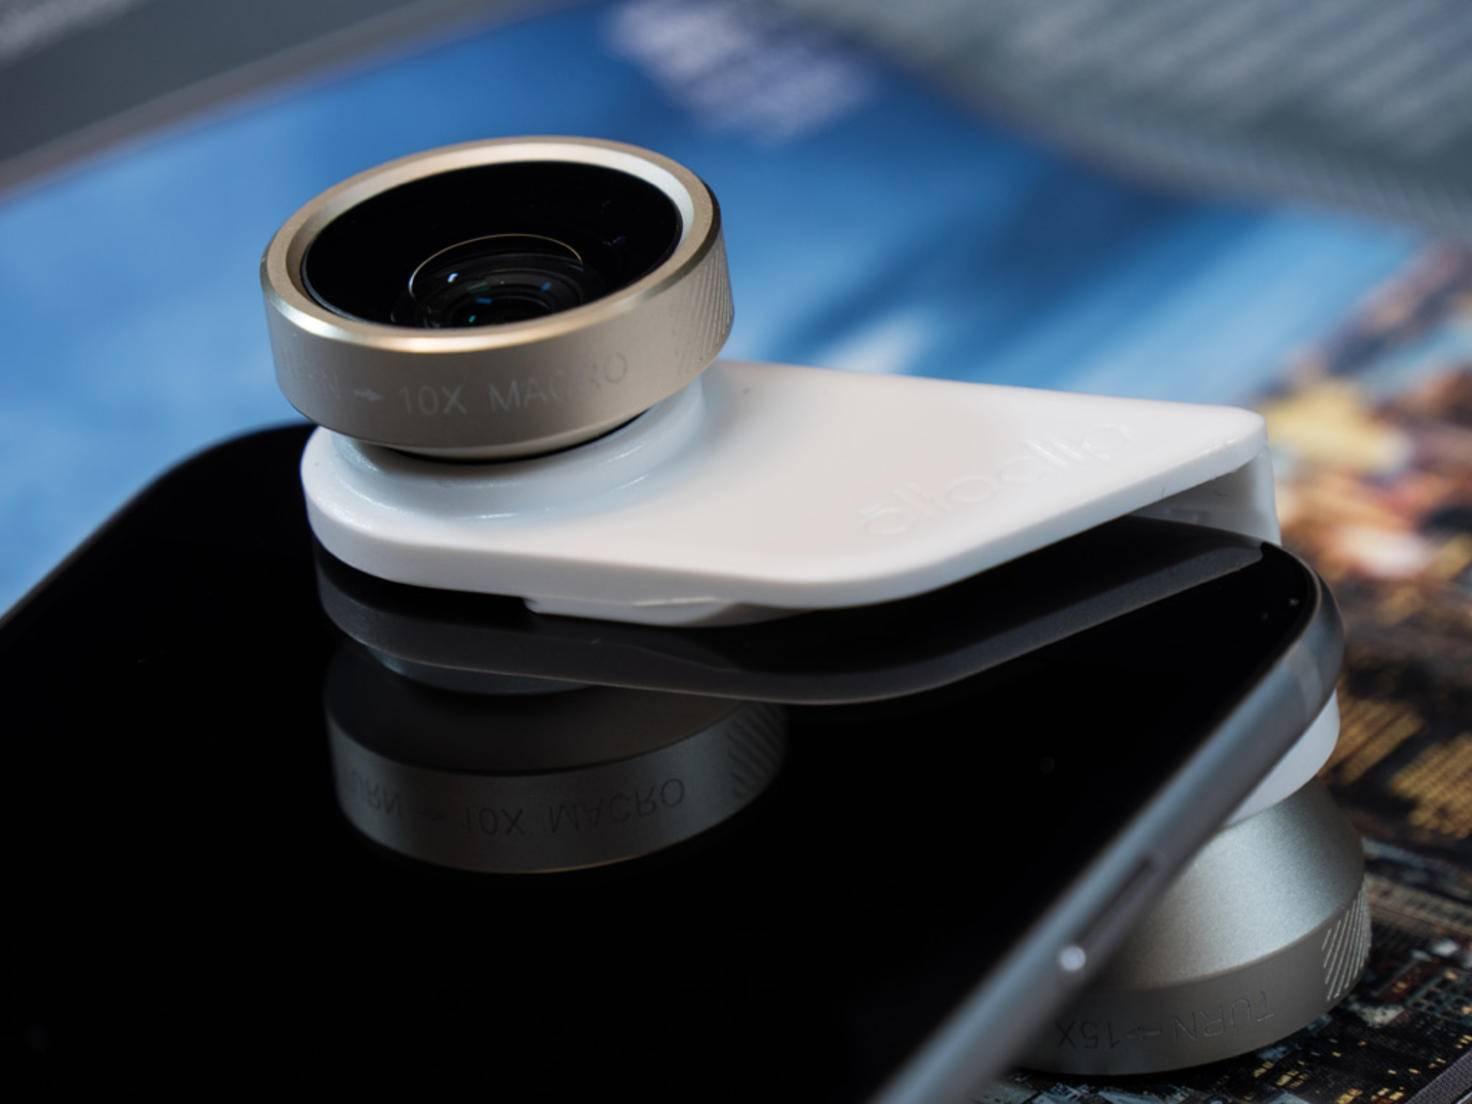 Das getestete Objektiv ist nur mit dem iPhone 6 (Plus) und dem iPhone 6s (Plus) kompatibel.